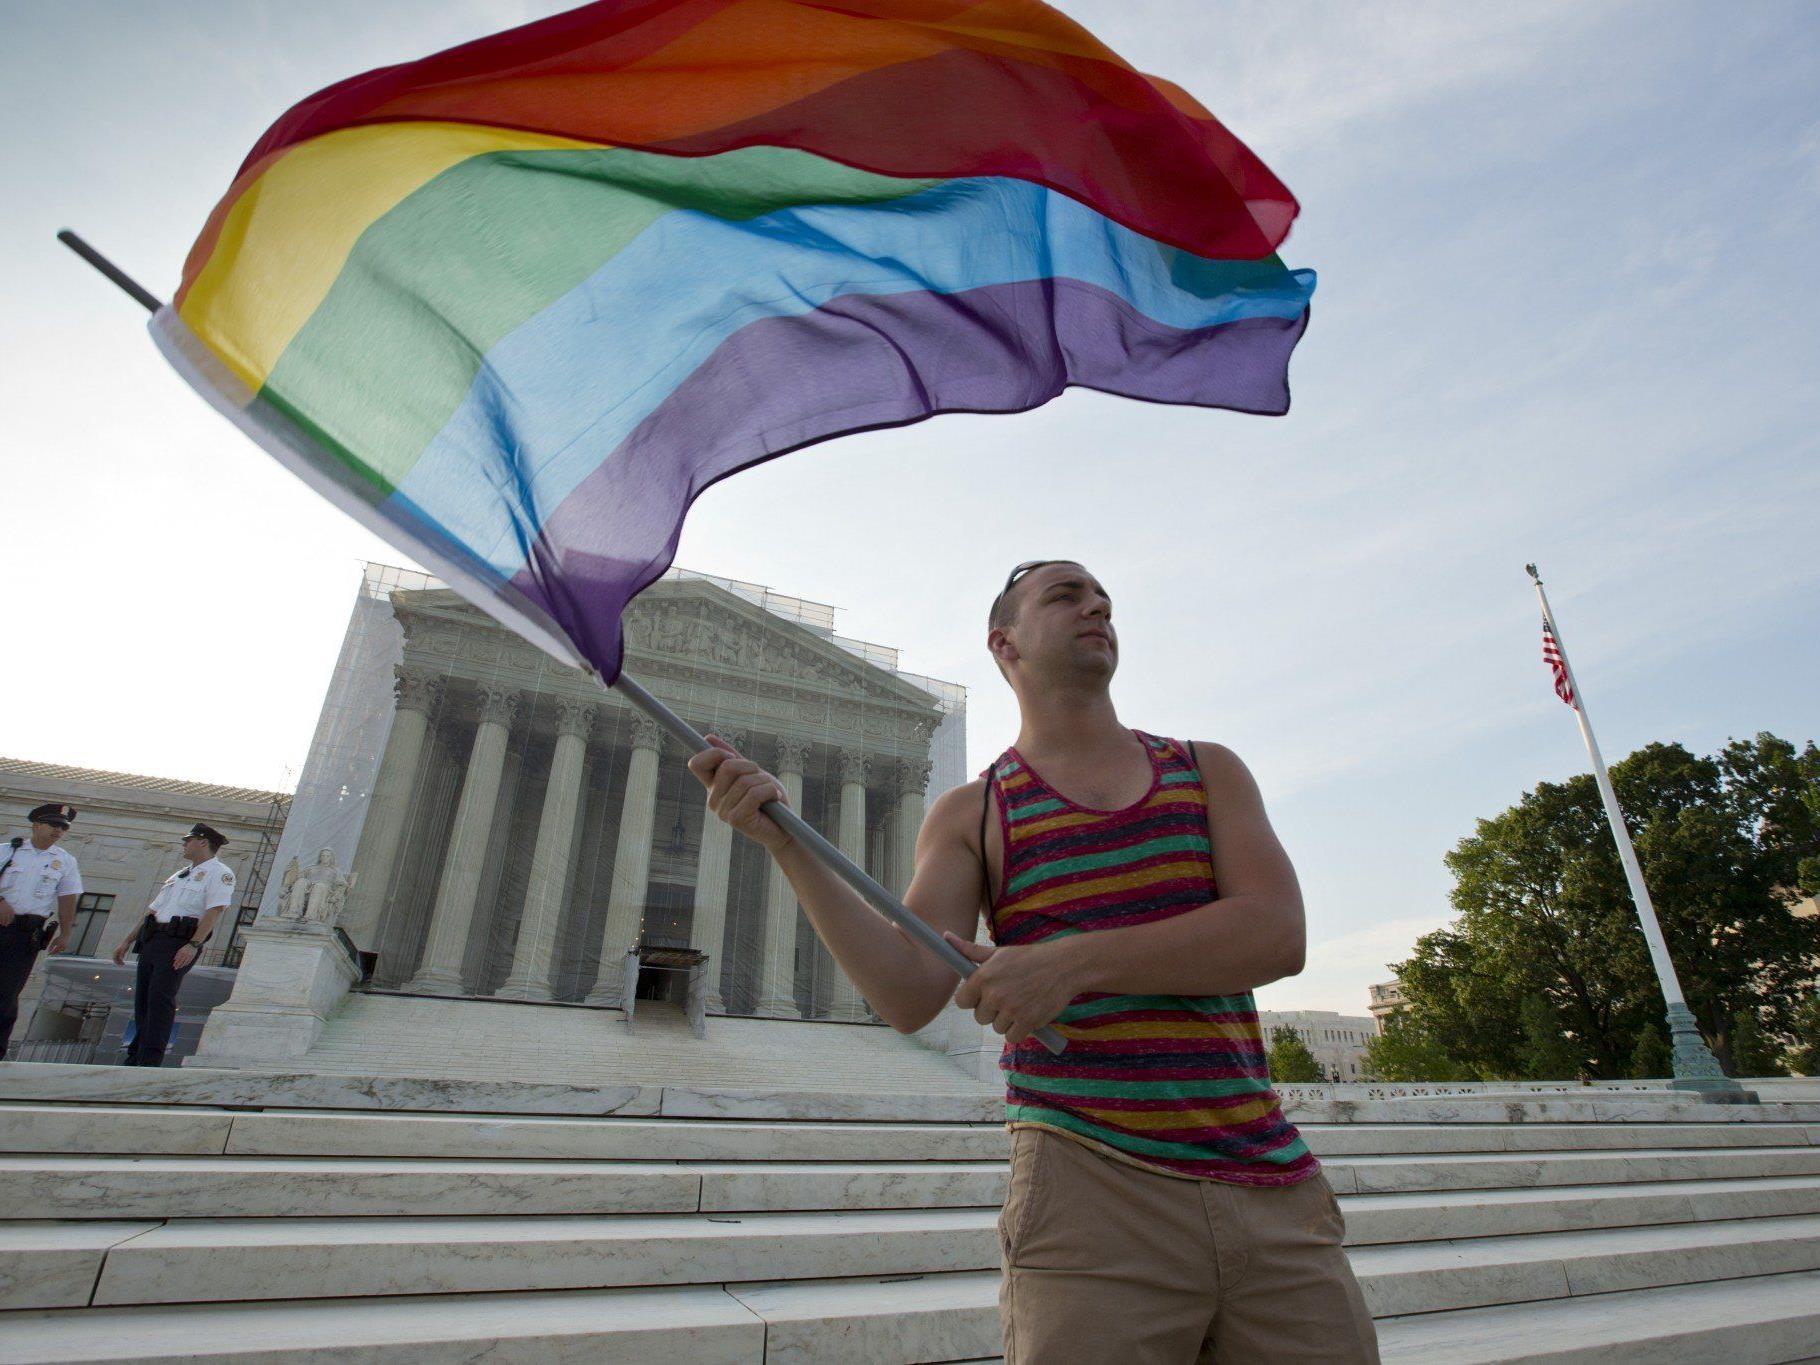 Regelung verstoße gegen das Gleichheitsgebot der Verfassung